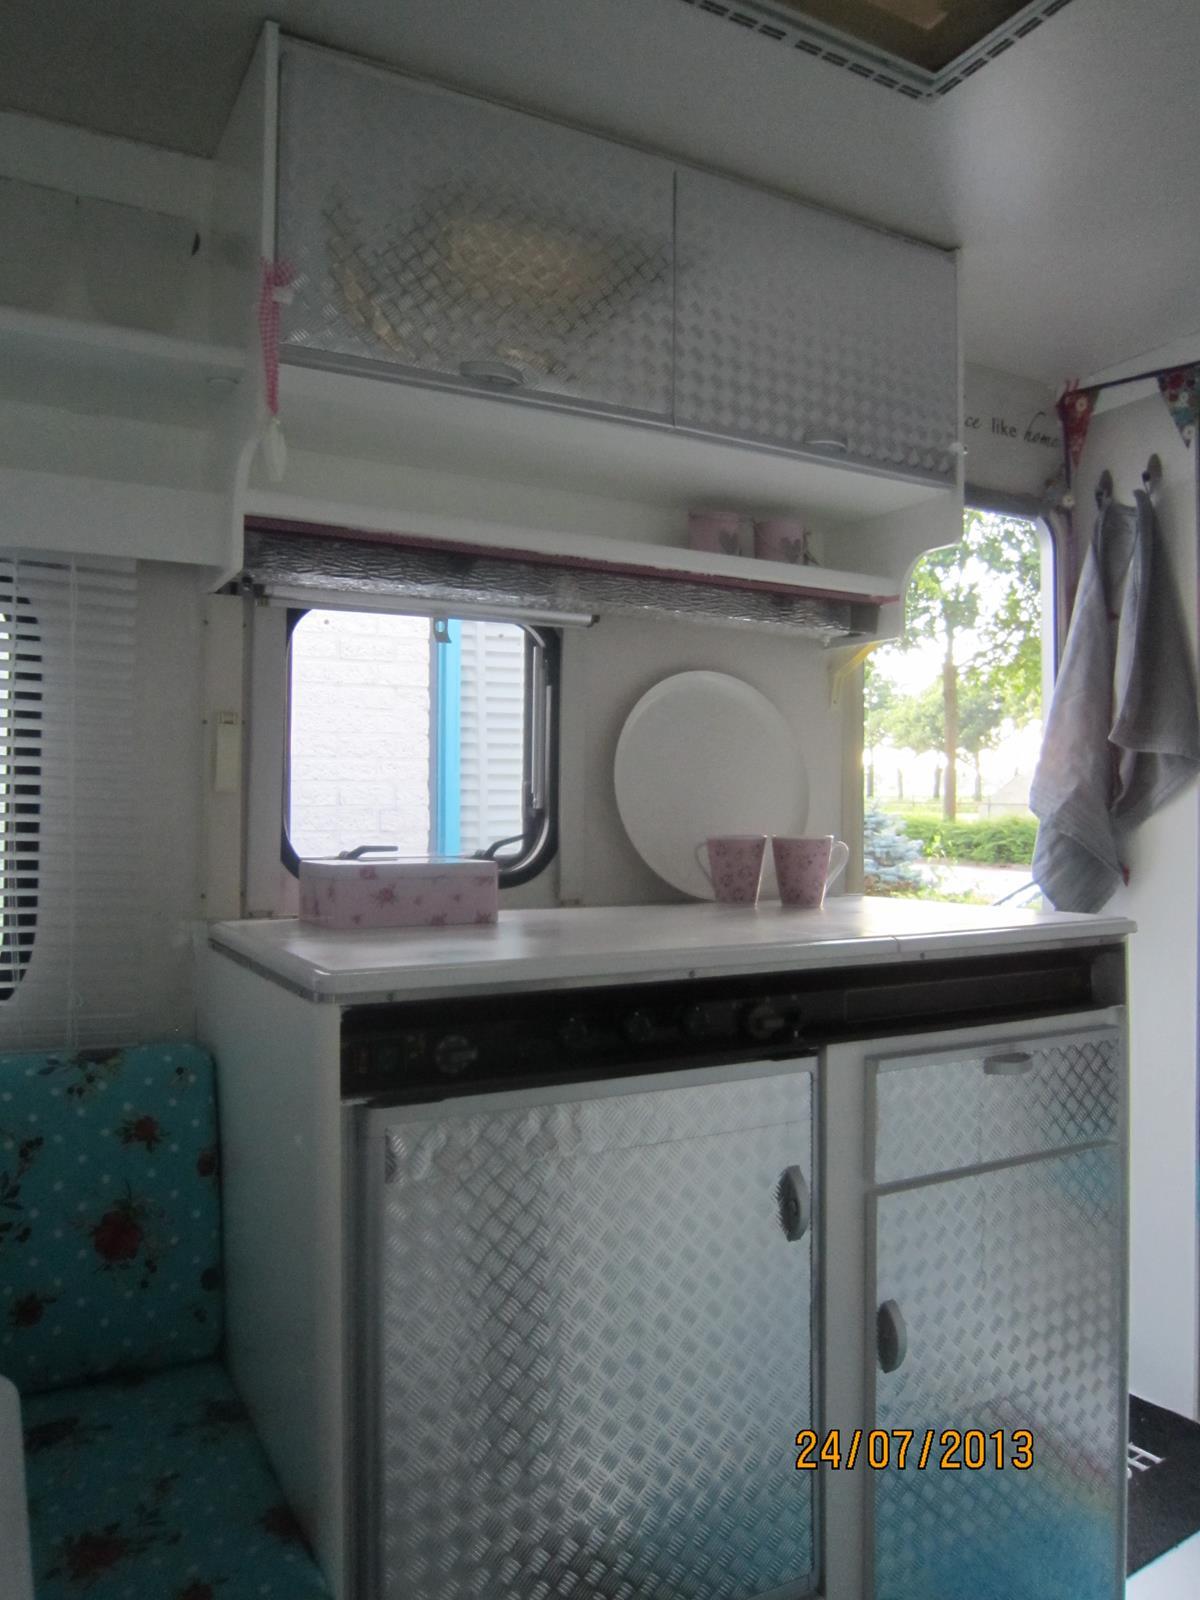 Primer-verf-verf-verf-verf u2039 Caravanity : happy campers lifestyle